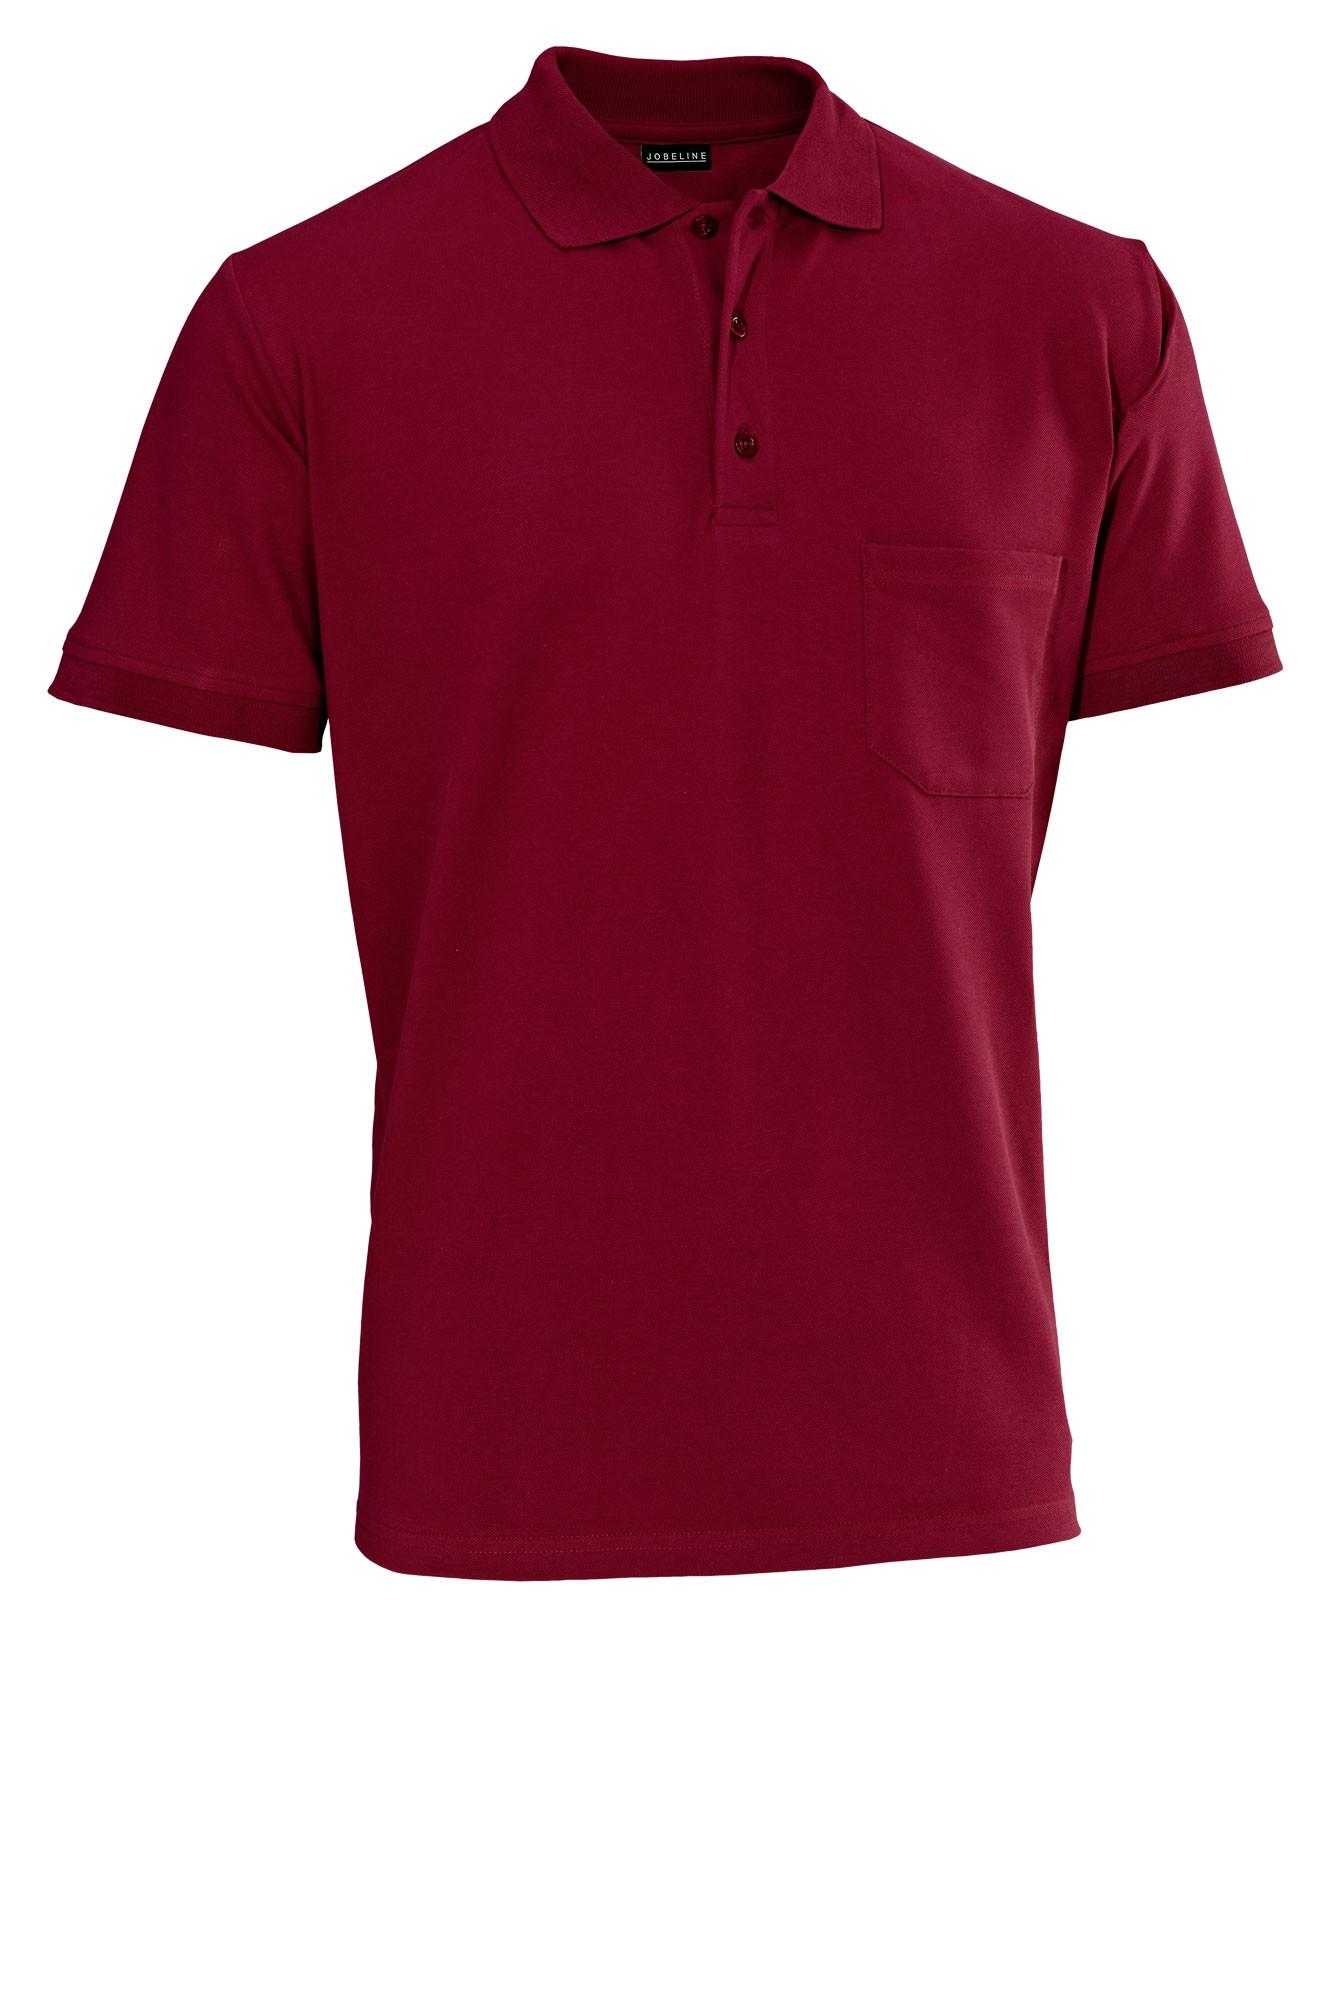 Pánské tričko Cato - bordó/krátký rukáv